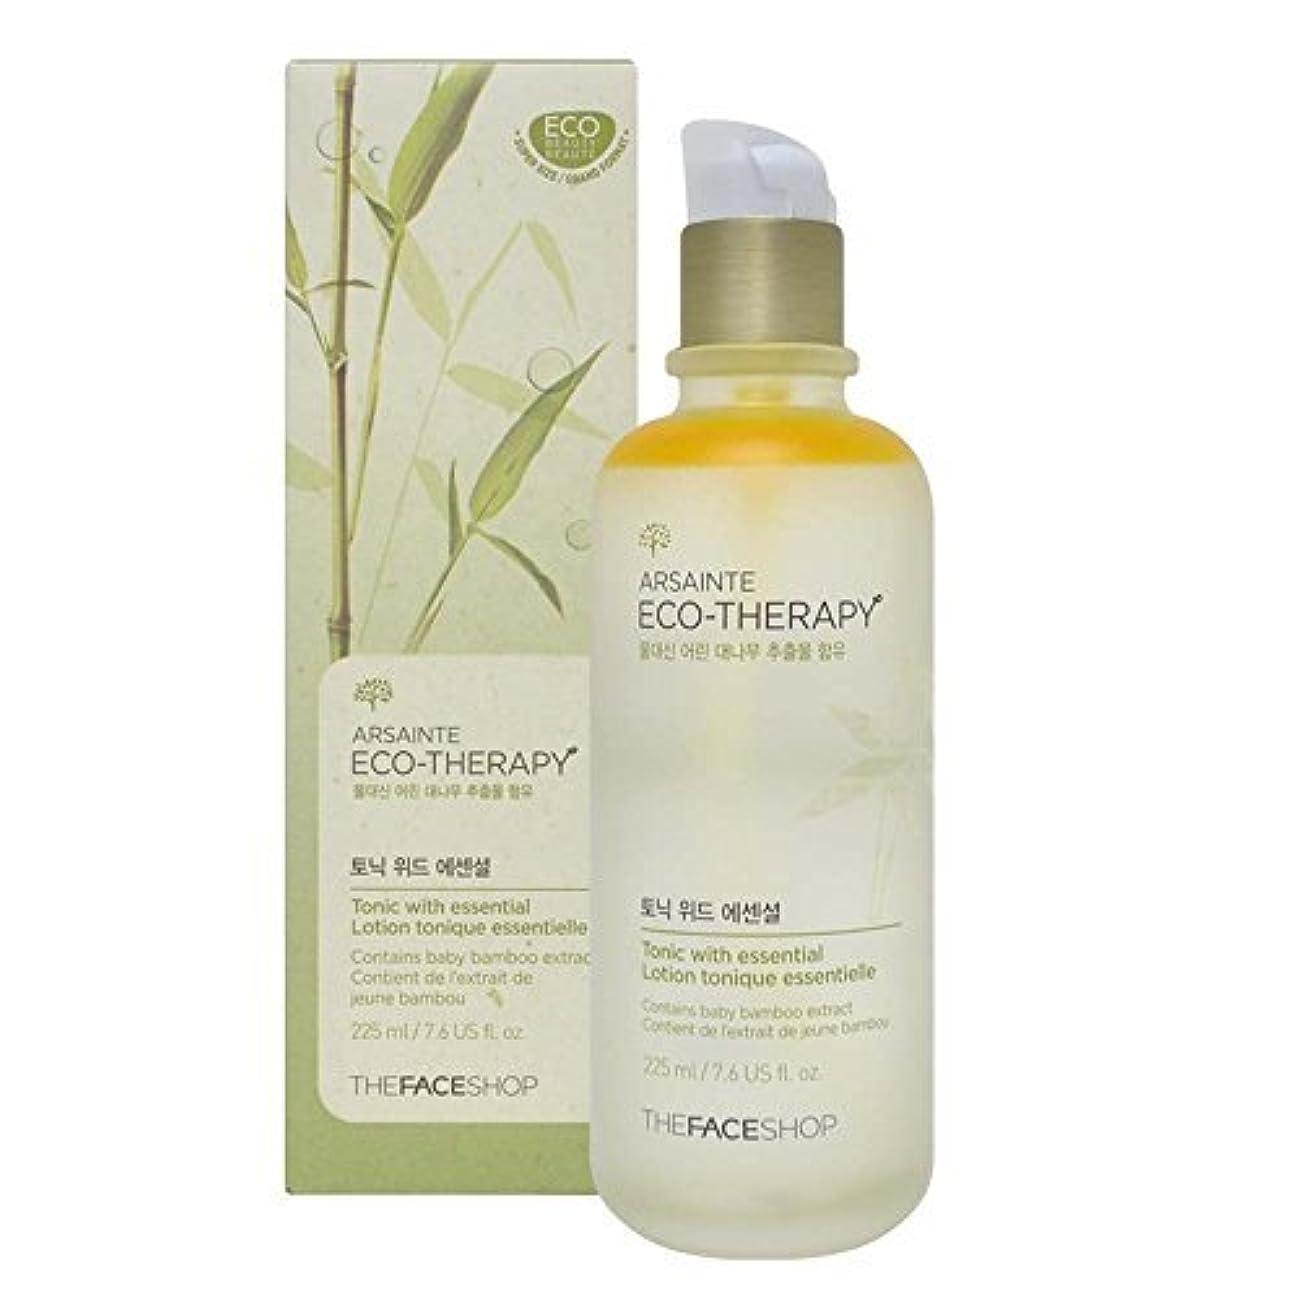 広範囲に似ている人工The Face shop Arsainte Ecotheraphy Tonic with essential Big Size 225ml [並行輸入品]